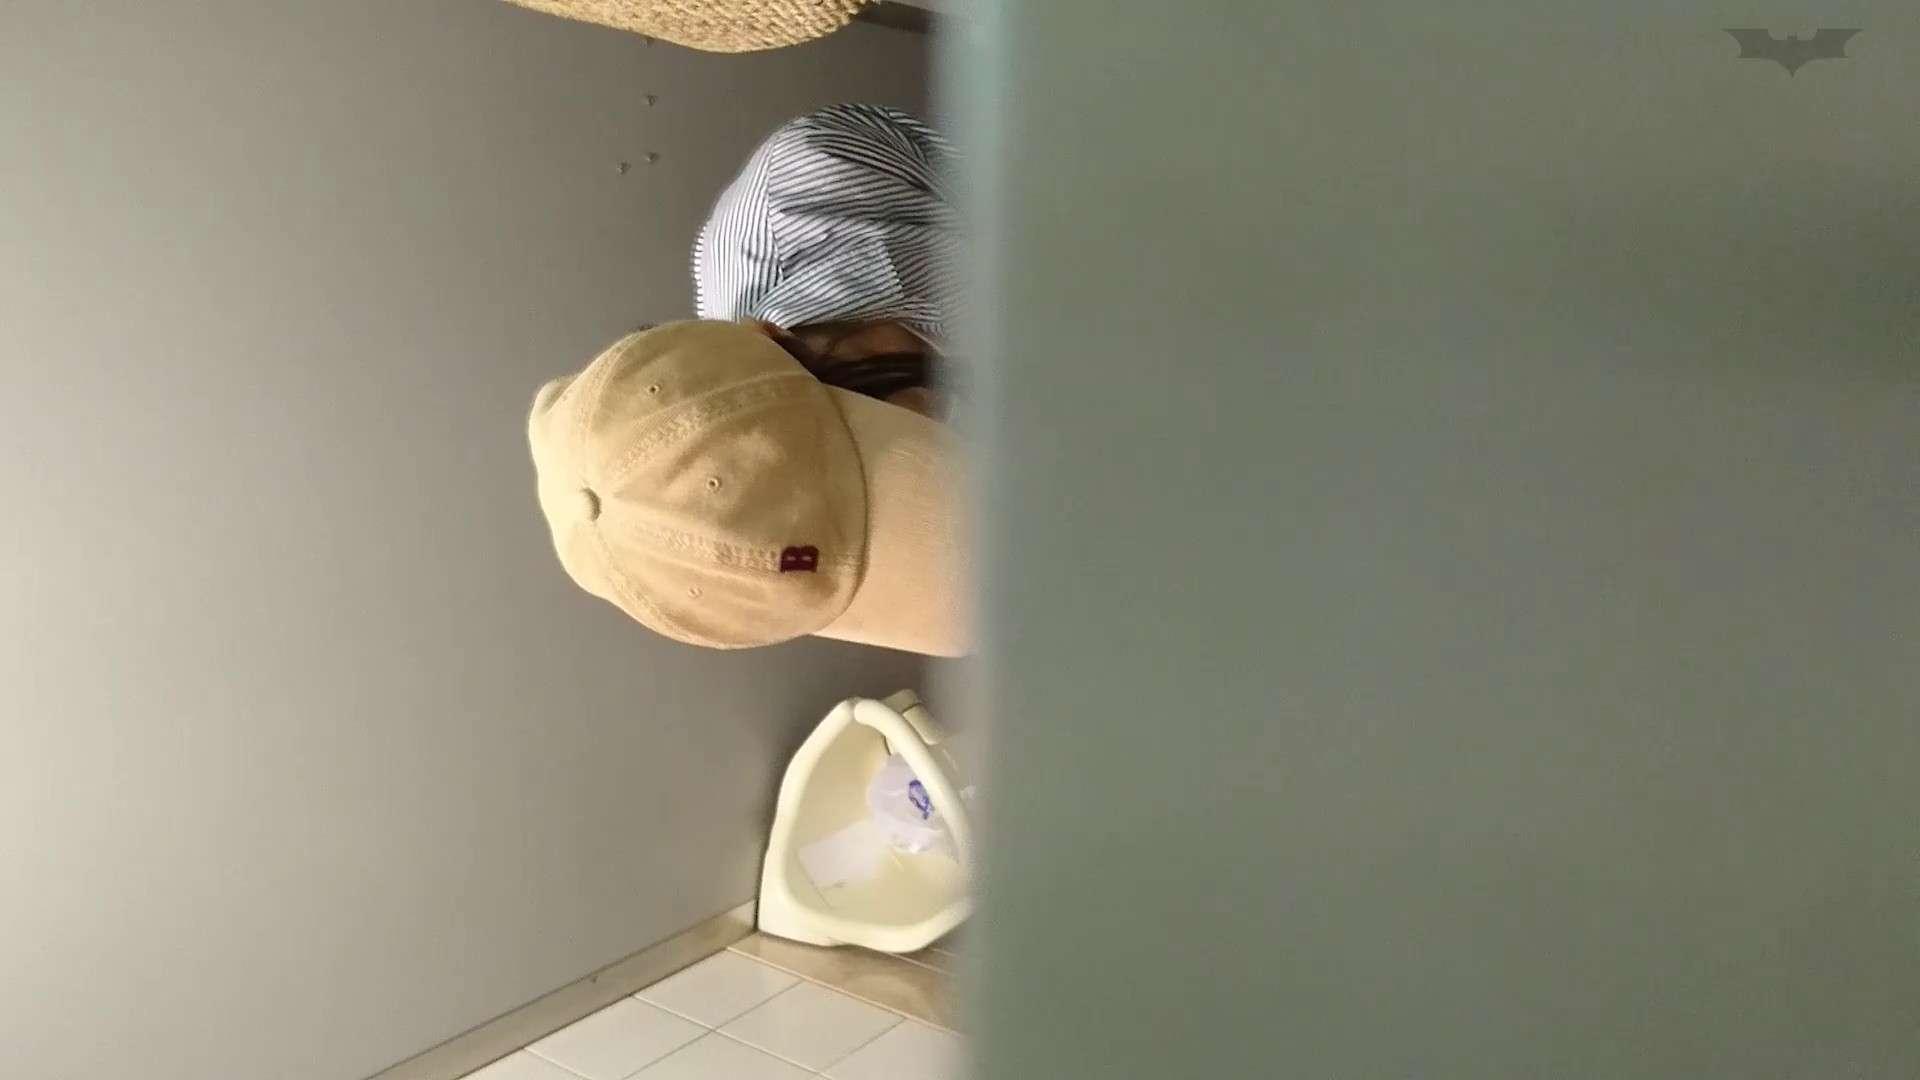 化粧室絵巻 ショッピングモール編 VOL.23 若いギャルが登場! ギャル盗撮映像 | OLのボディ  101PIX 25